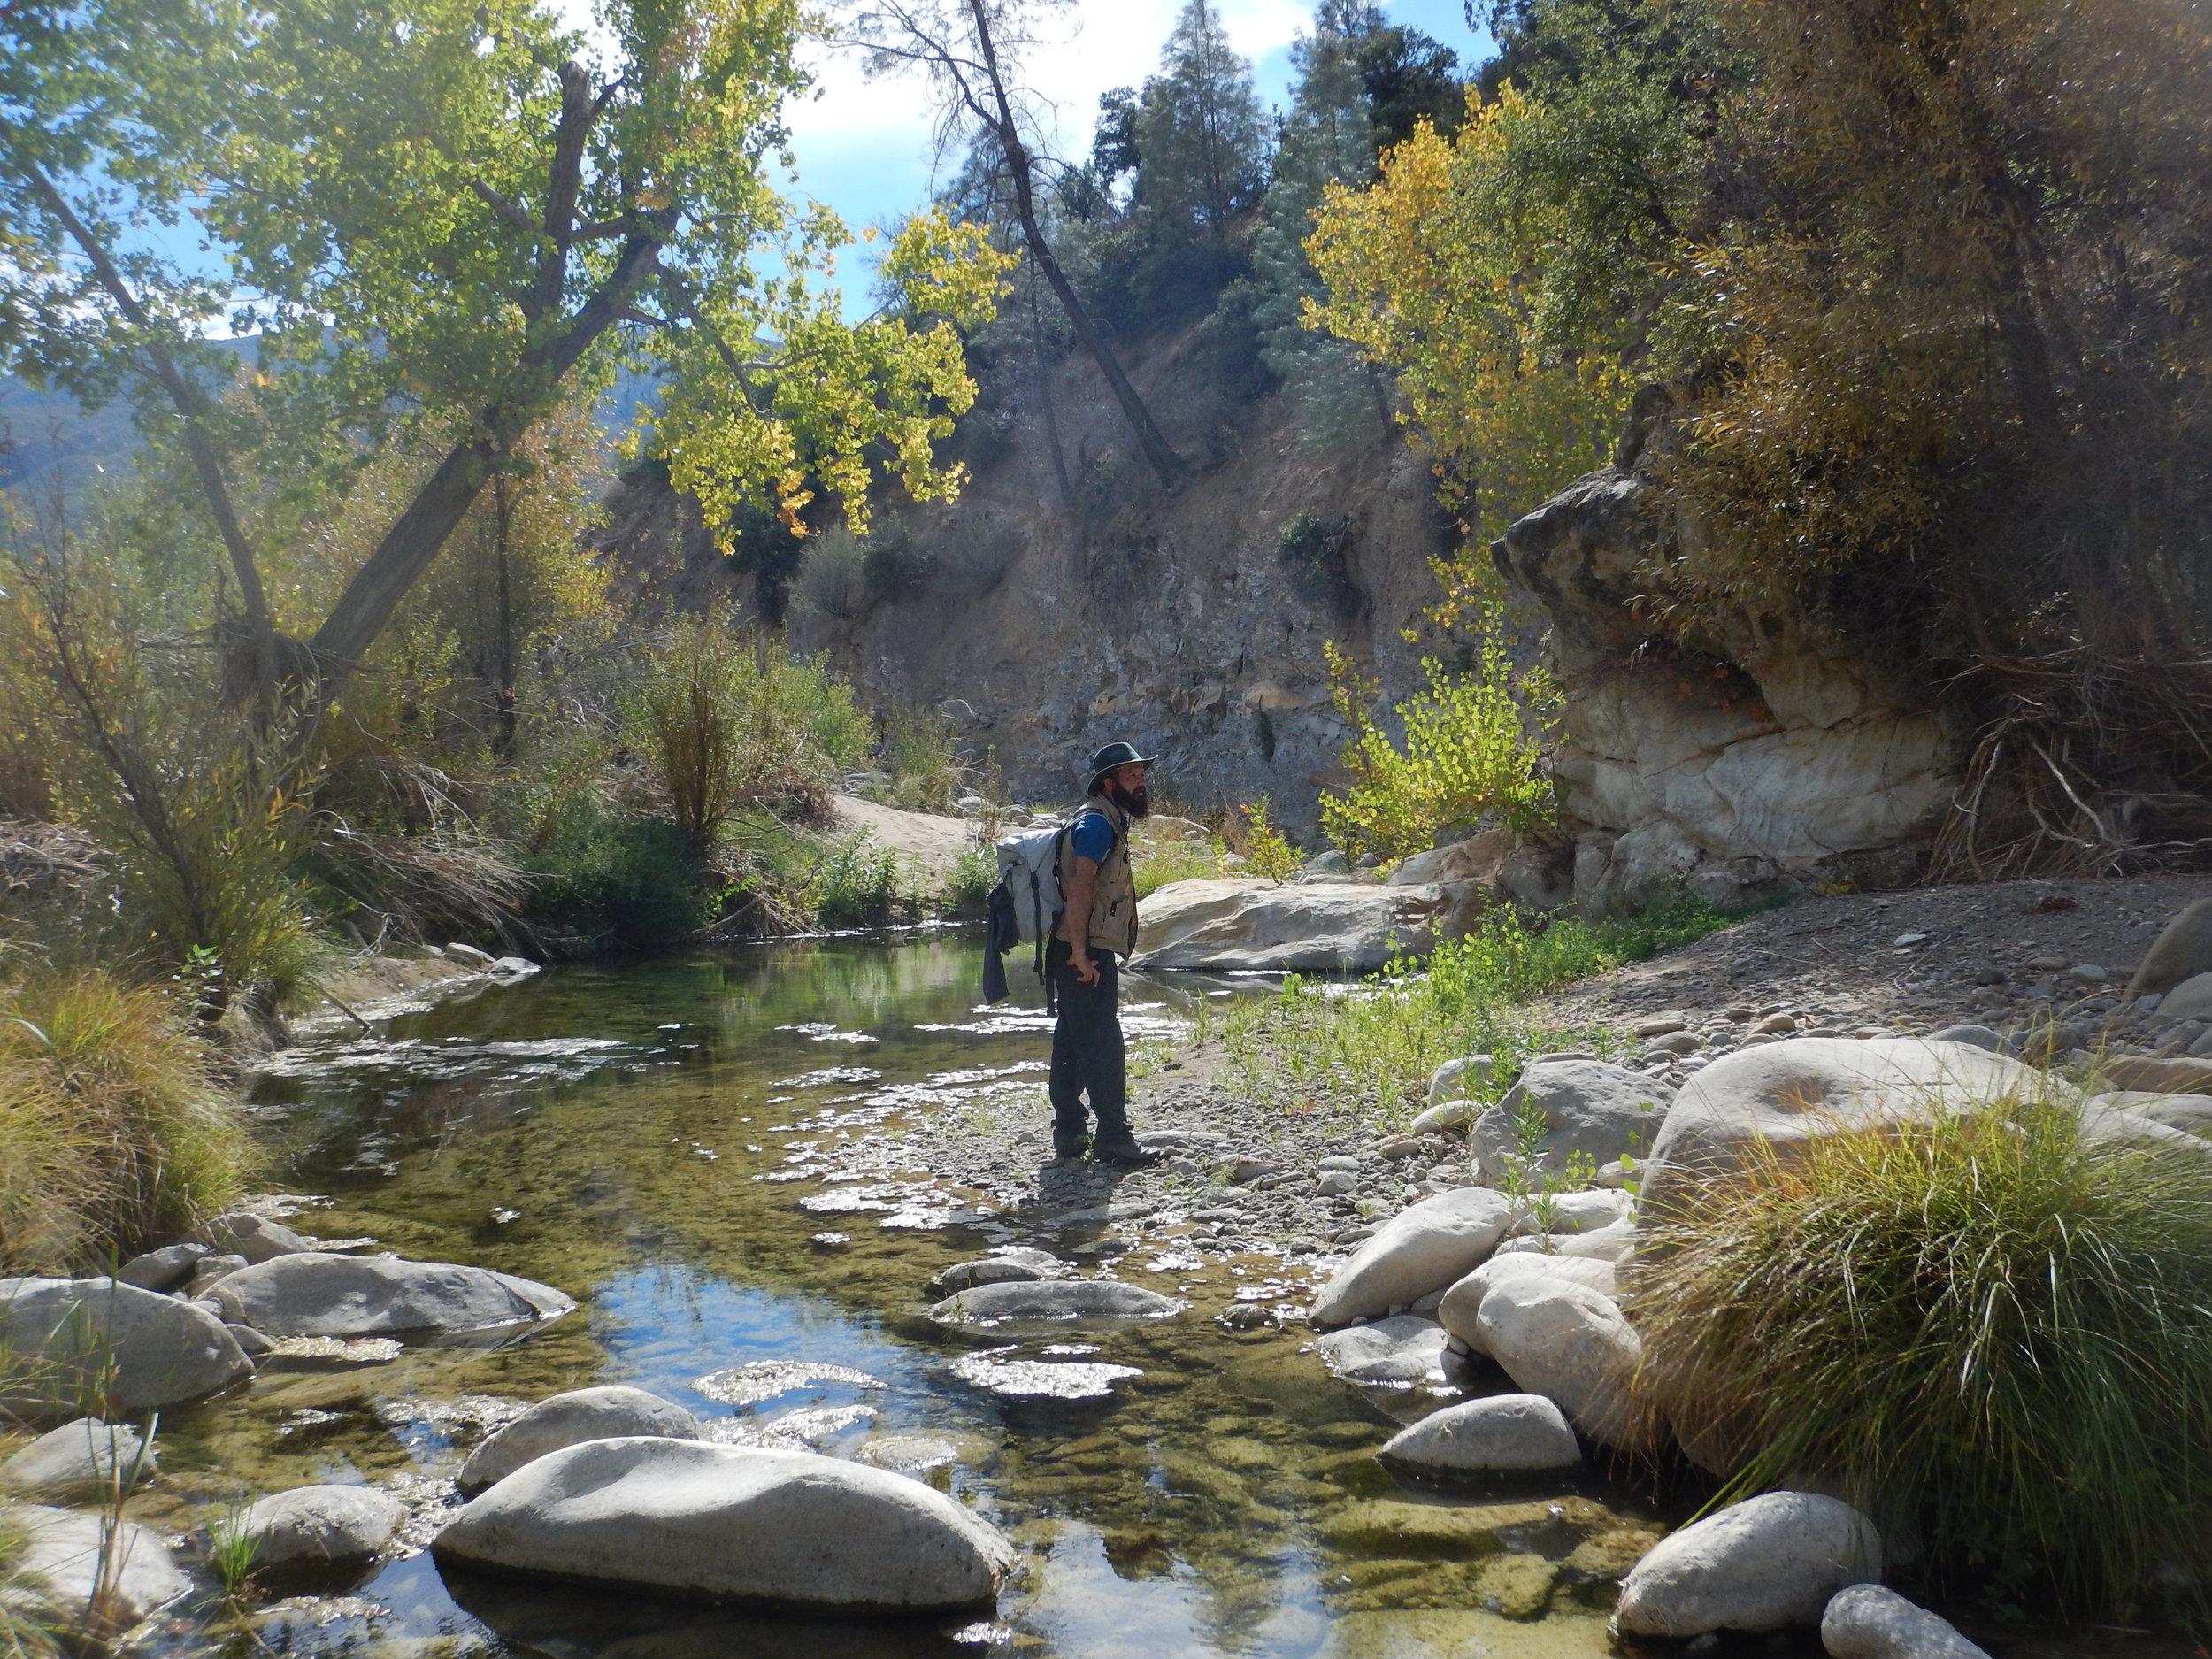 Sisquoc River Tamarisk Surveys